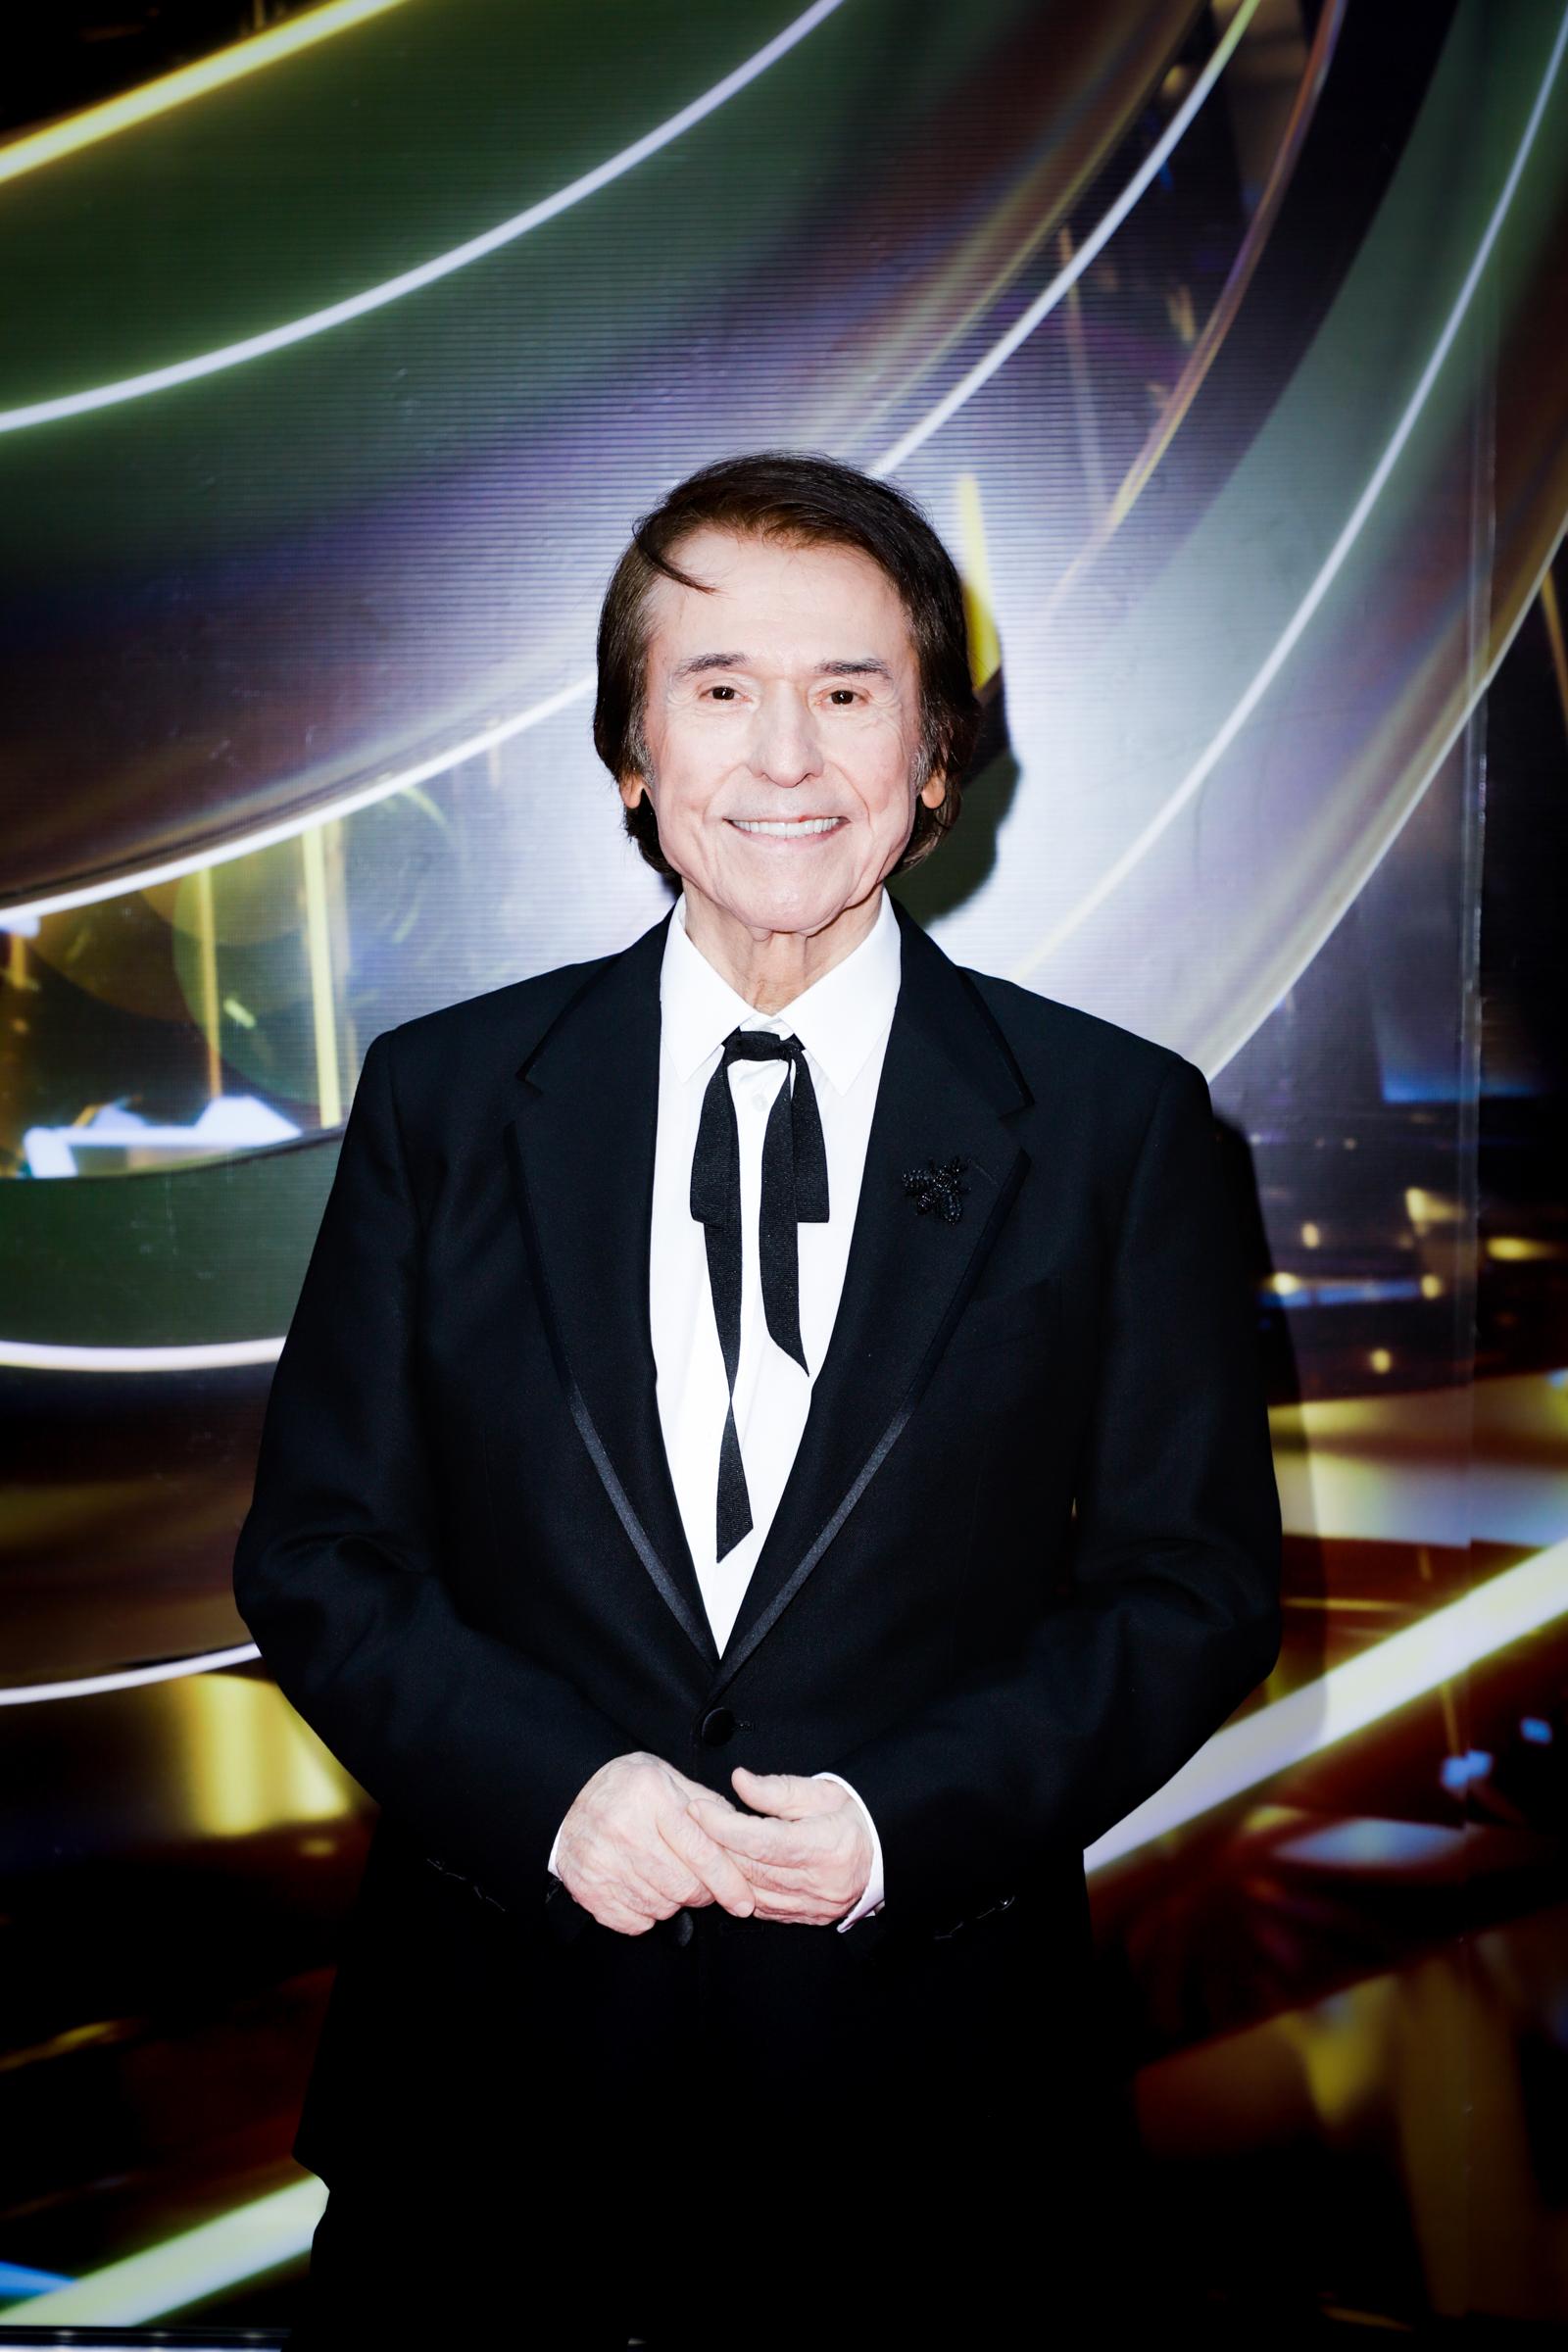 Con su habitual estilo elegante y clásico, el cantante español Raphael, quien fue reconocido por su trayectoria, seleccionó un traje negro con corbata a juego y camisa blanca. (Suministradas)